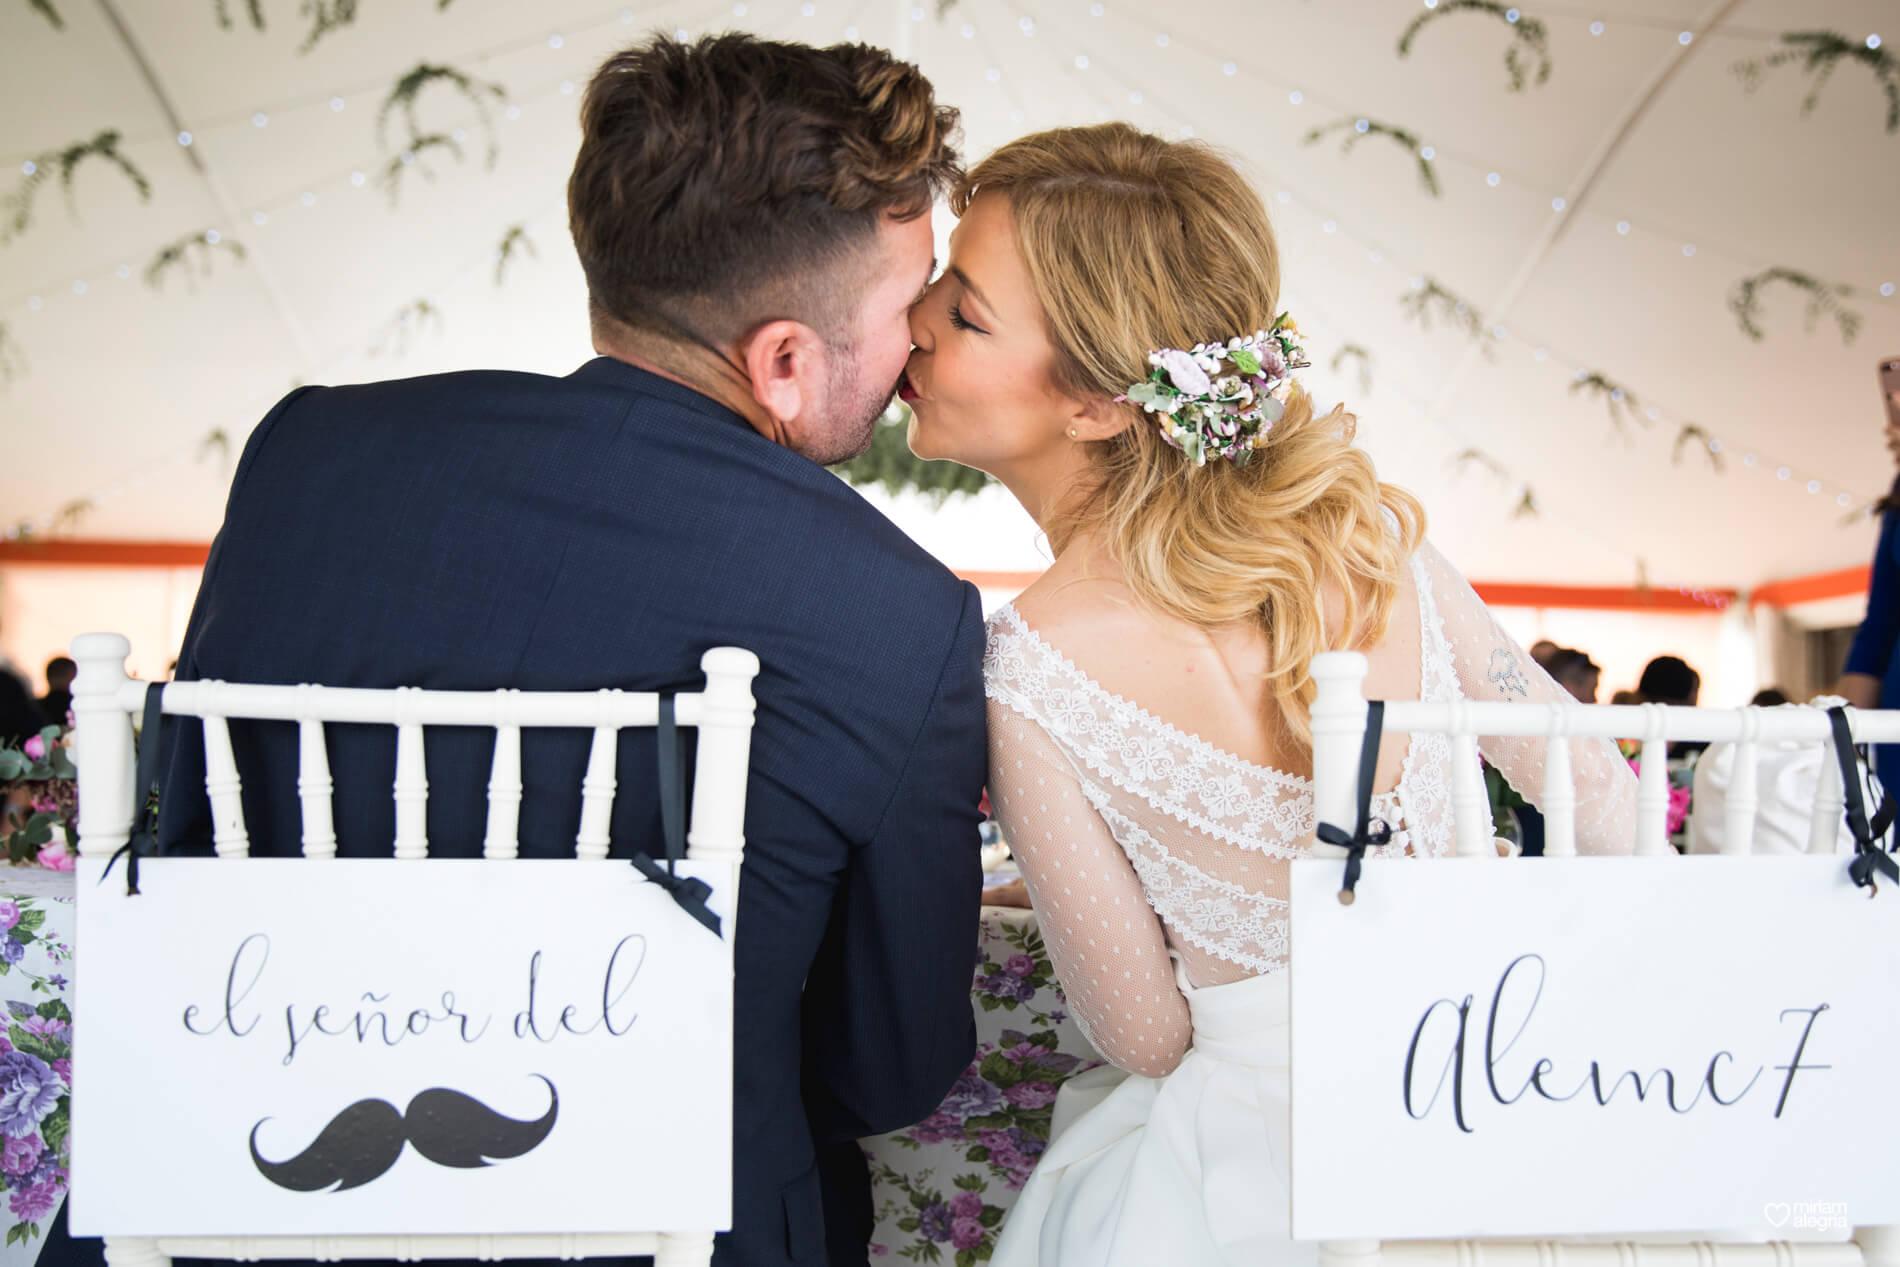 boda-en-finca-villa-vera-de-alemc7-miriam-alegria-fotografos-boda-murcia-152